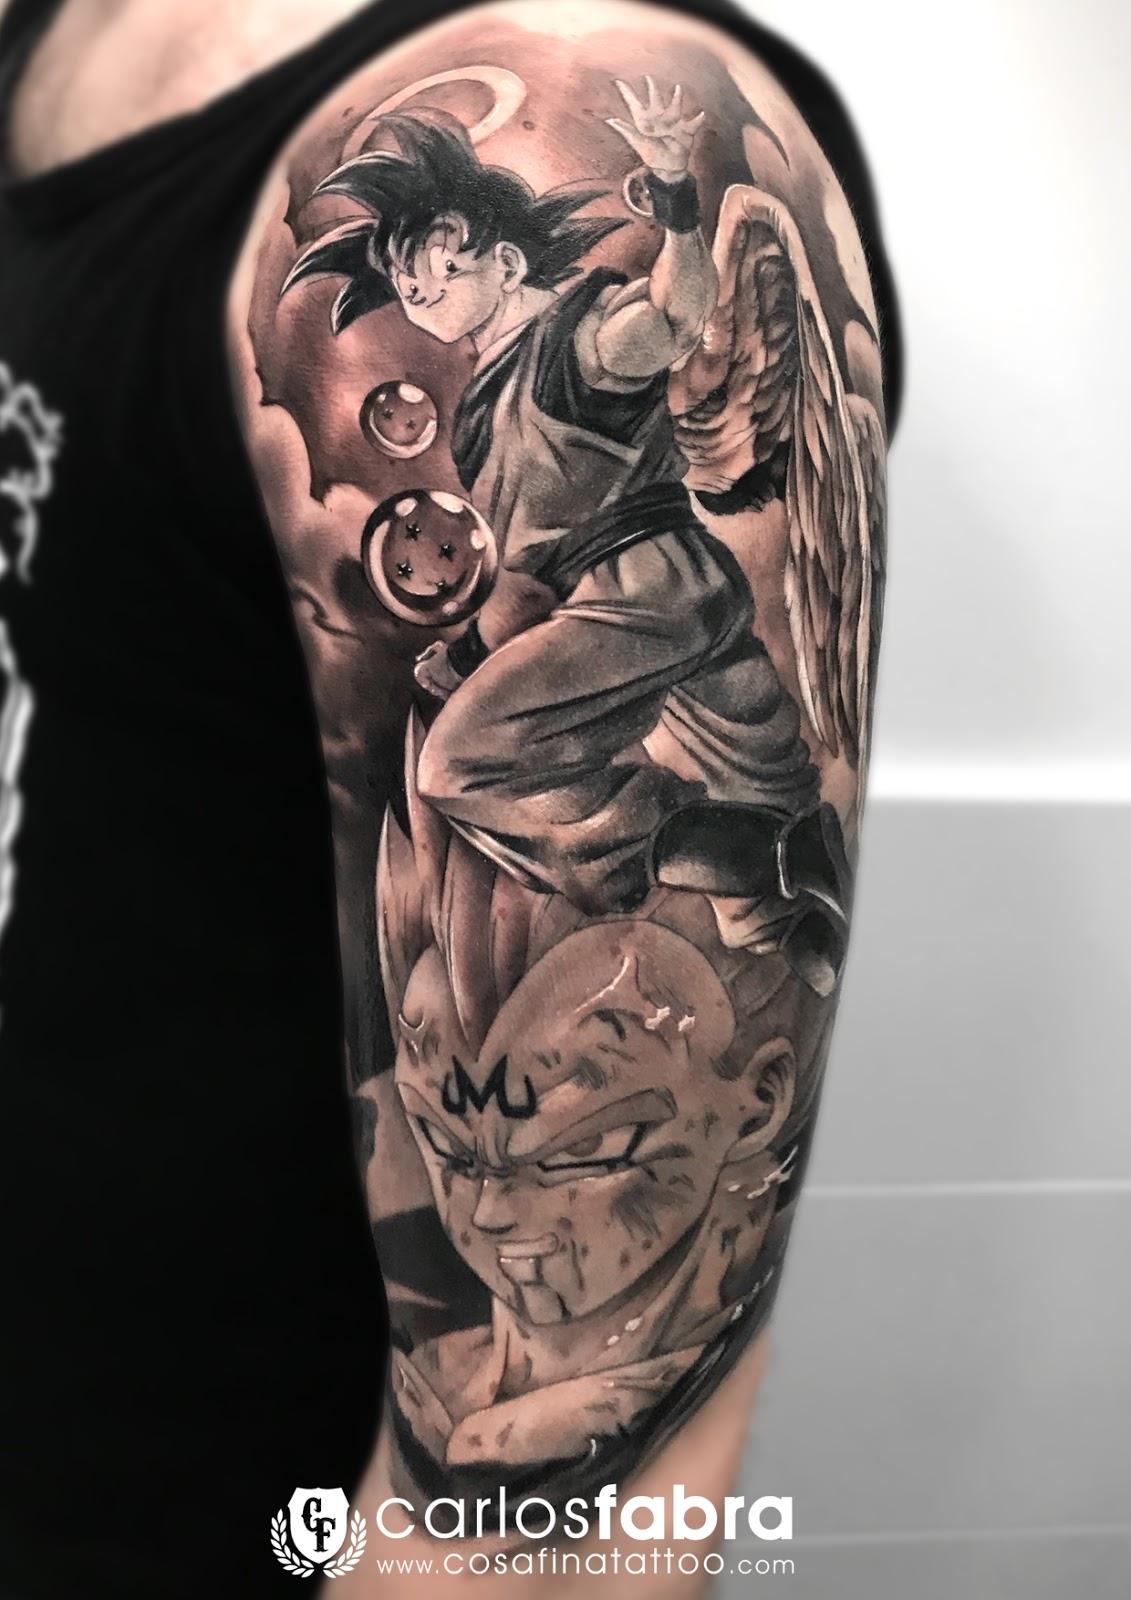 Cosafina Tattoo Carlos Art Studio 2018